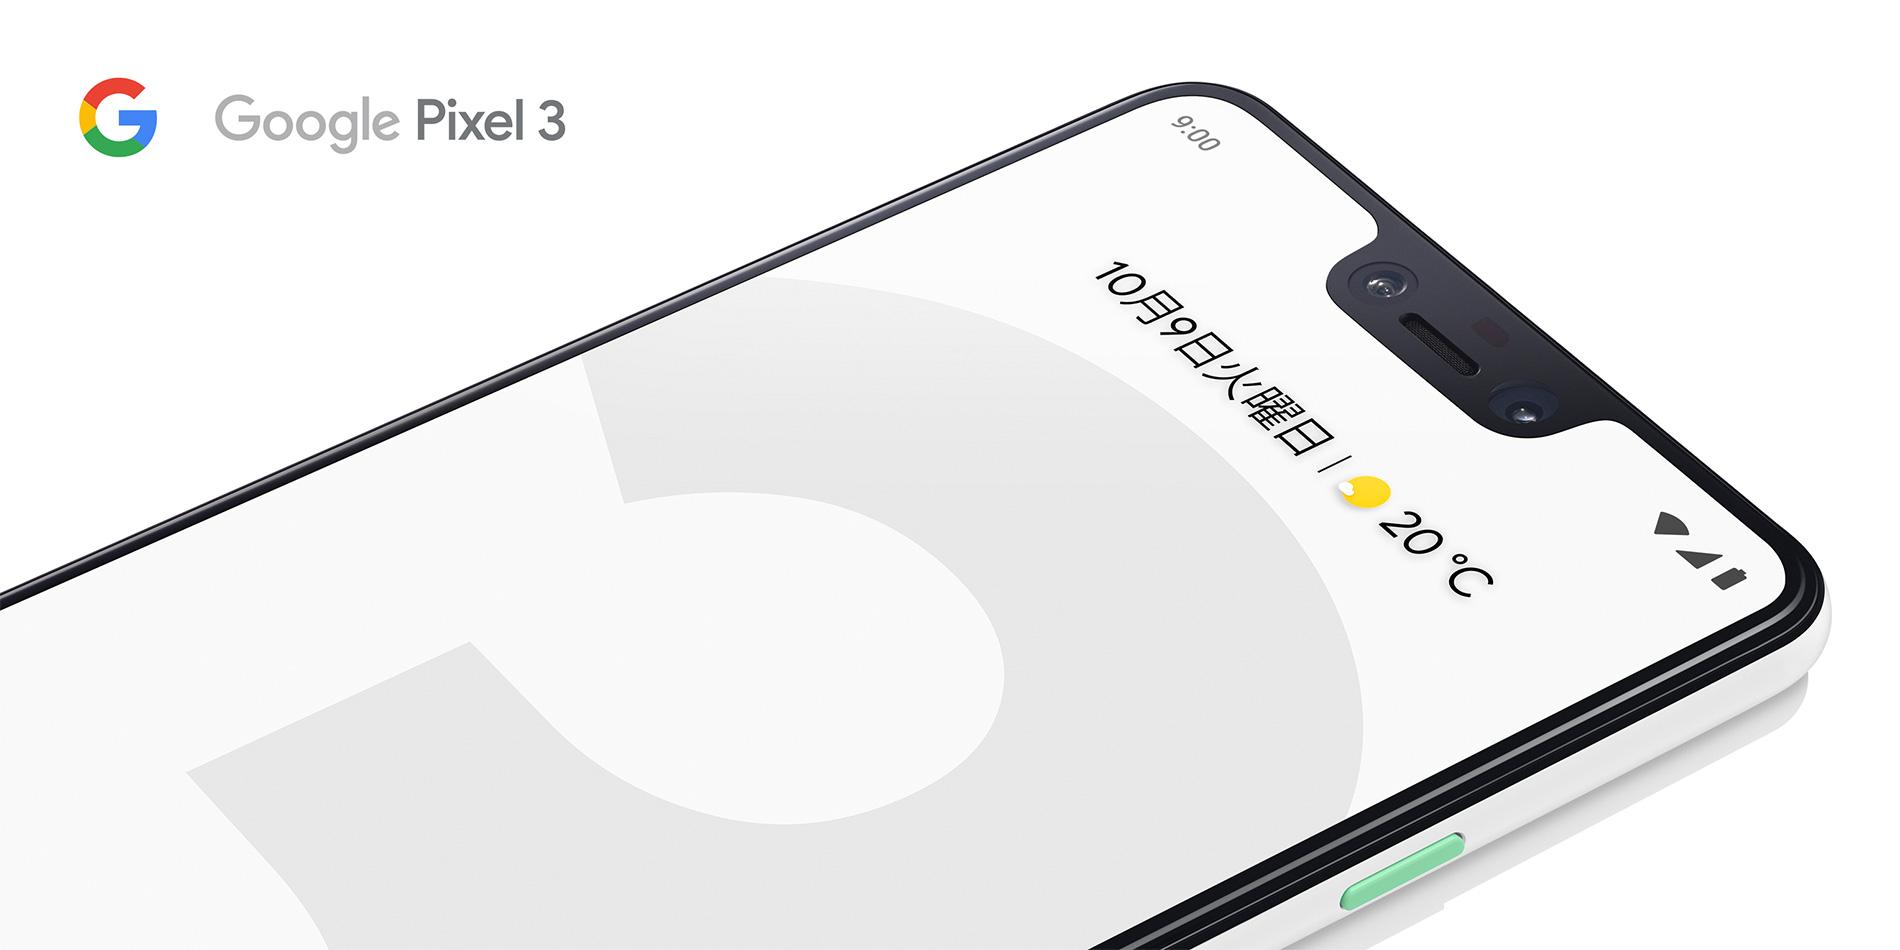 ソフトバンクが「Google Pixel 3 ハッピープライスキャンペーン」で10800円割引へ。元々はGoogleSIMフリー公式よりも高値で販売中。1/30~。